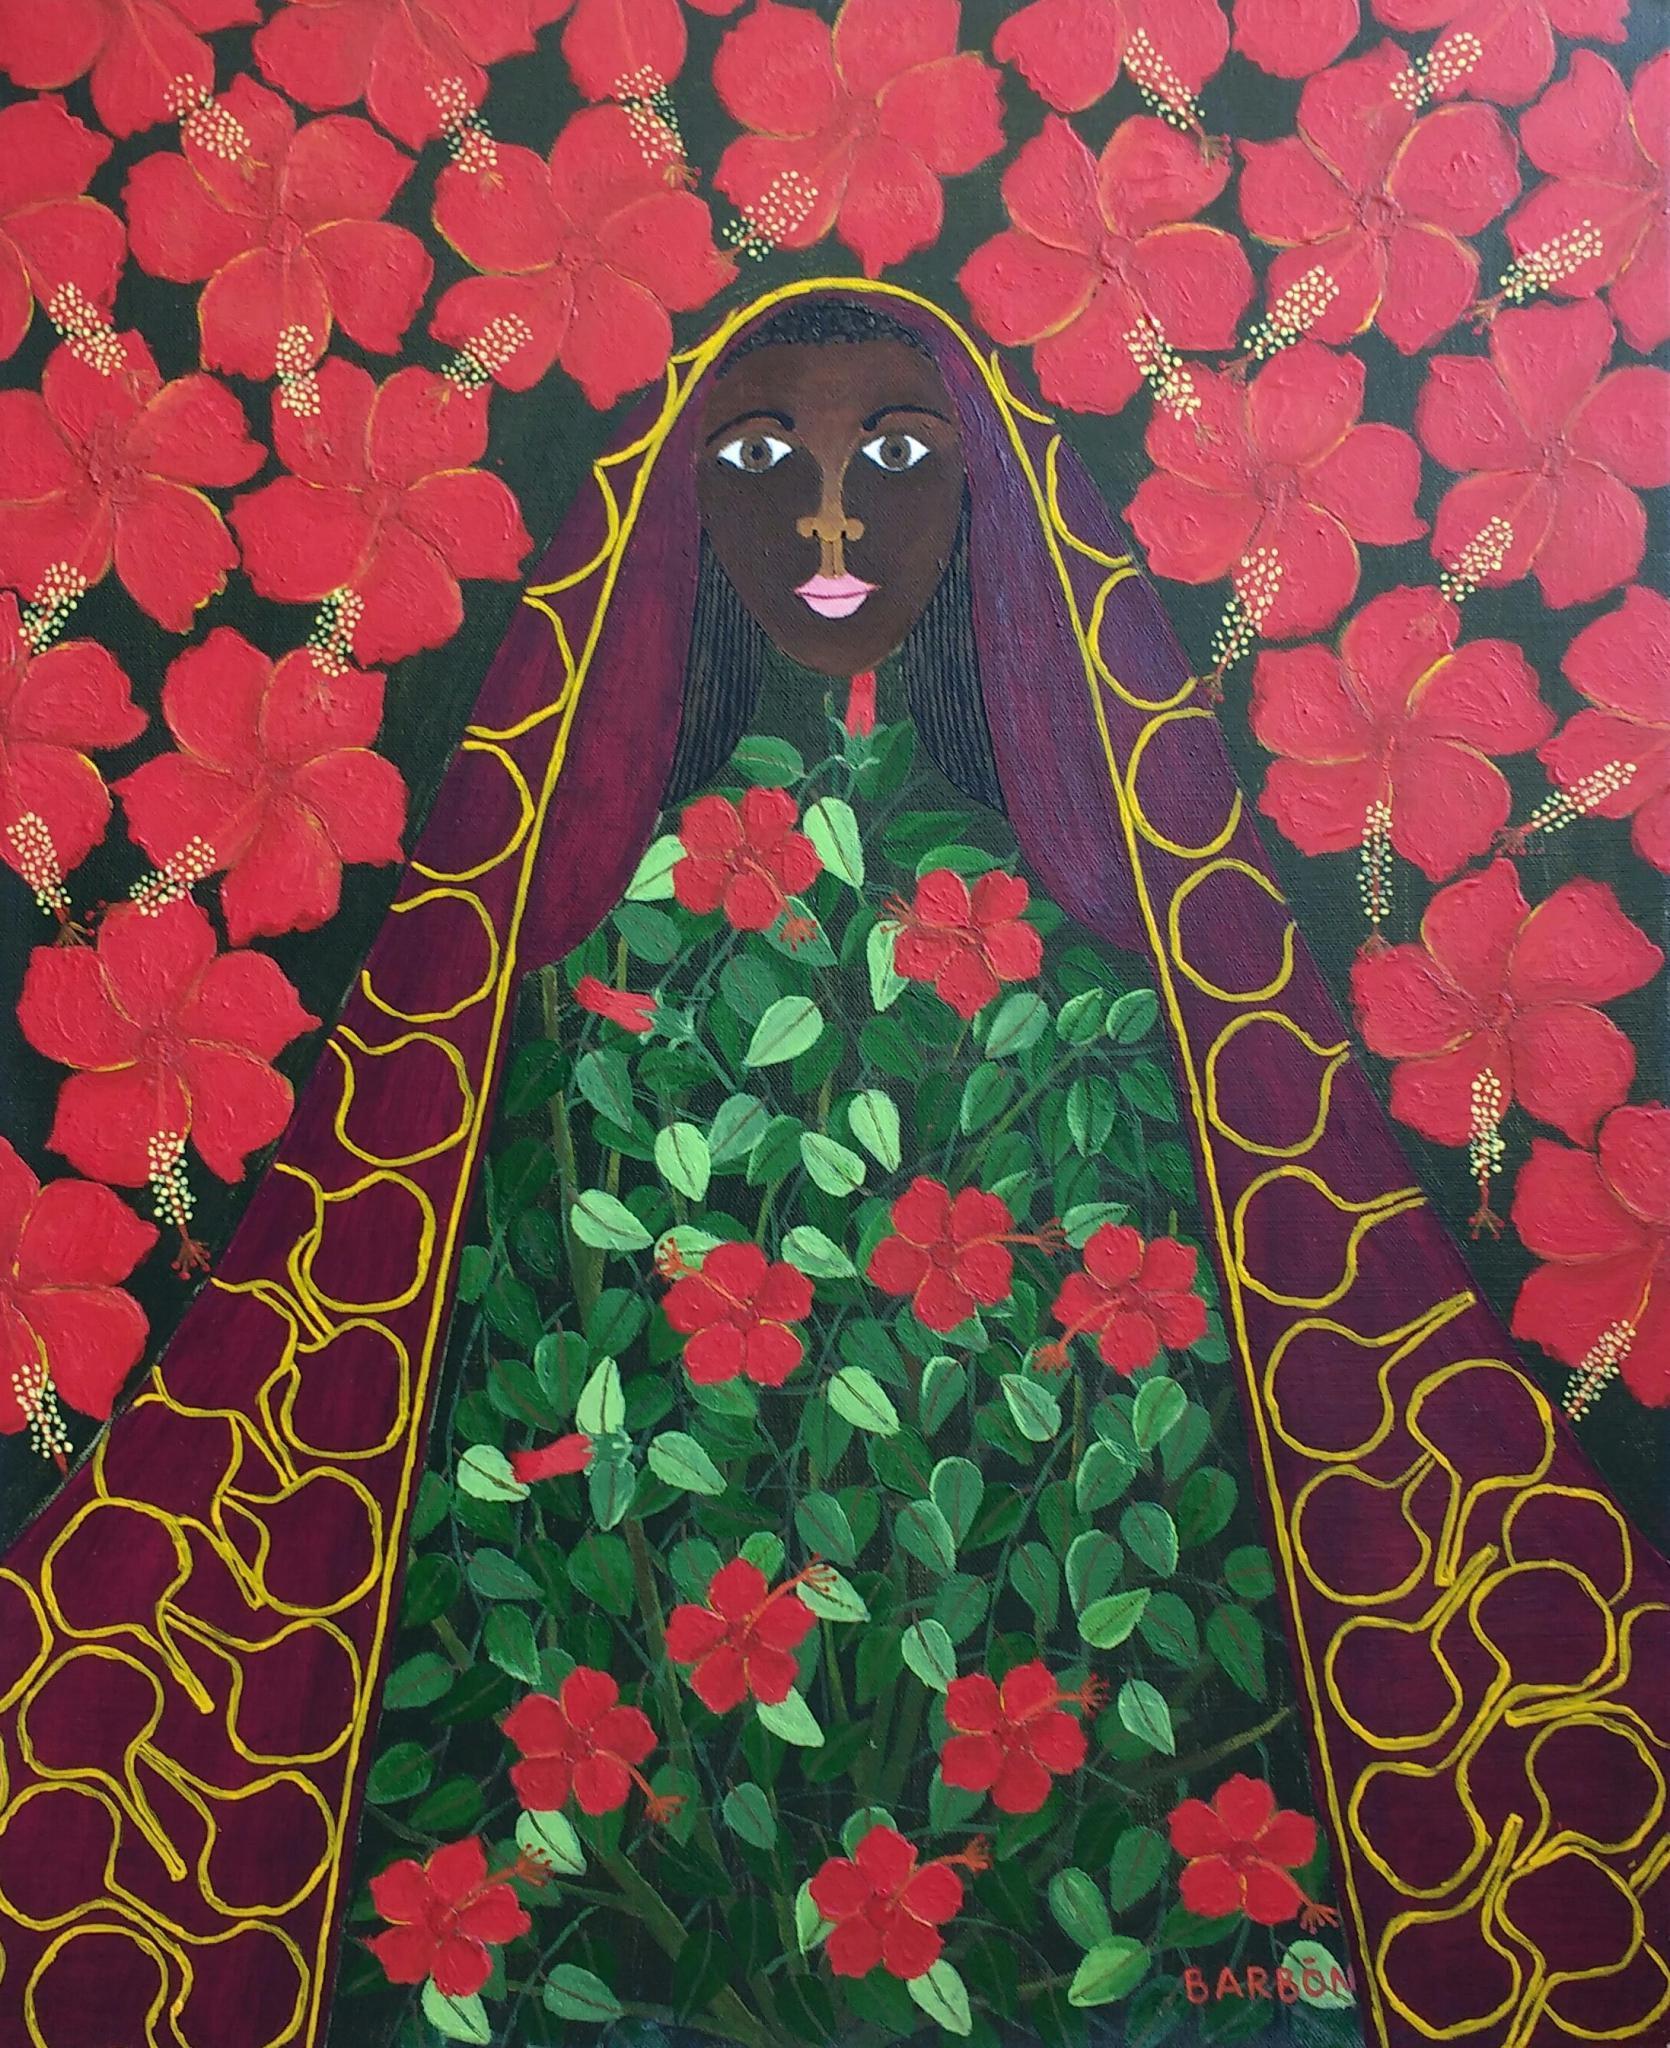 La Virgen y el Marpacifico, 2016